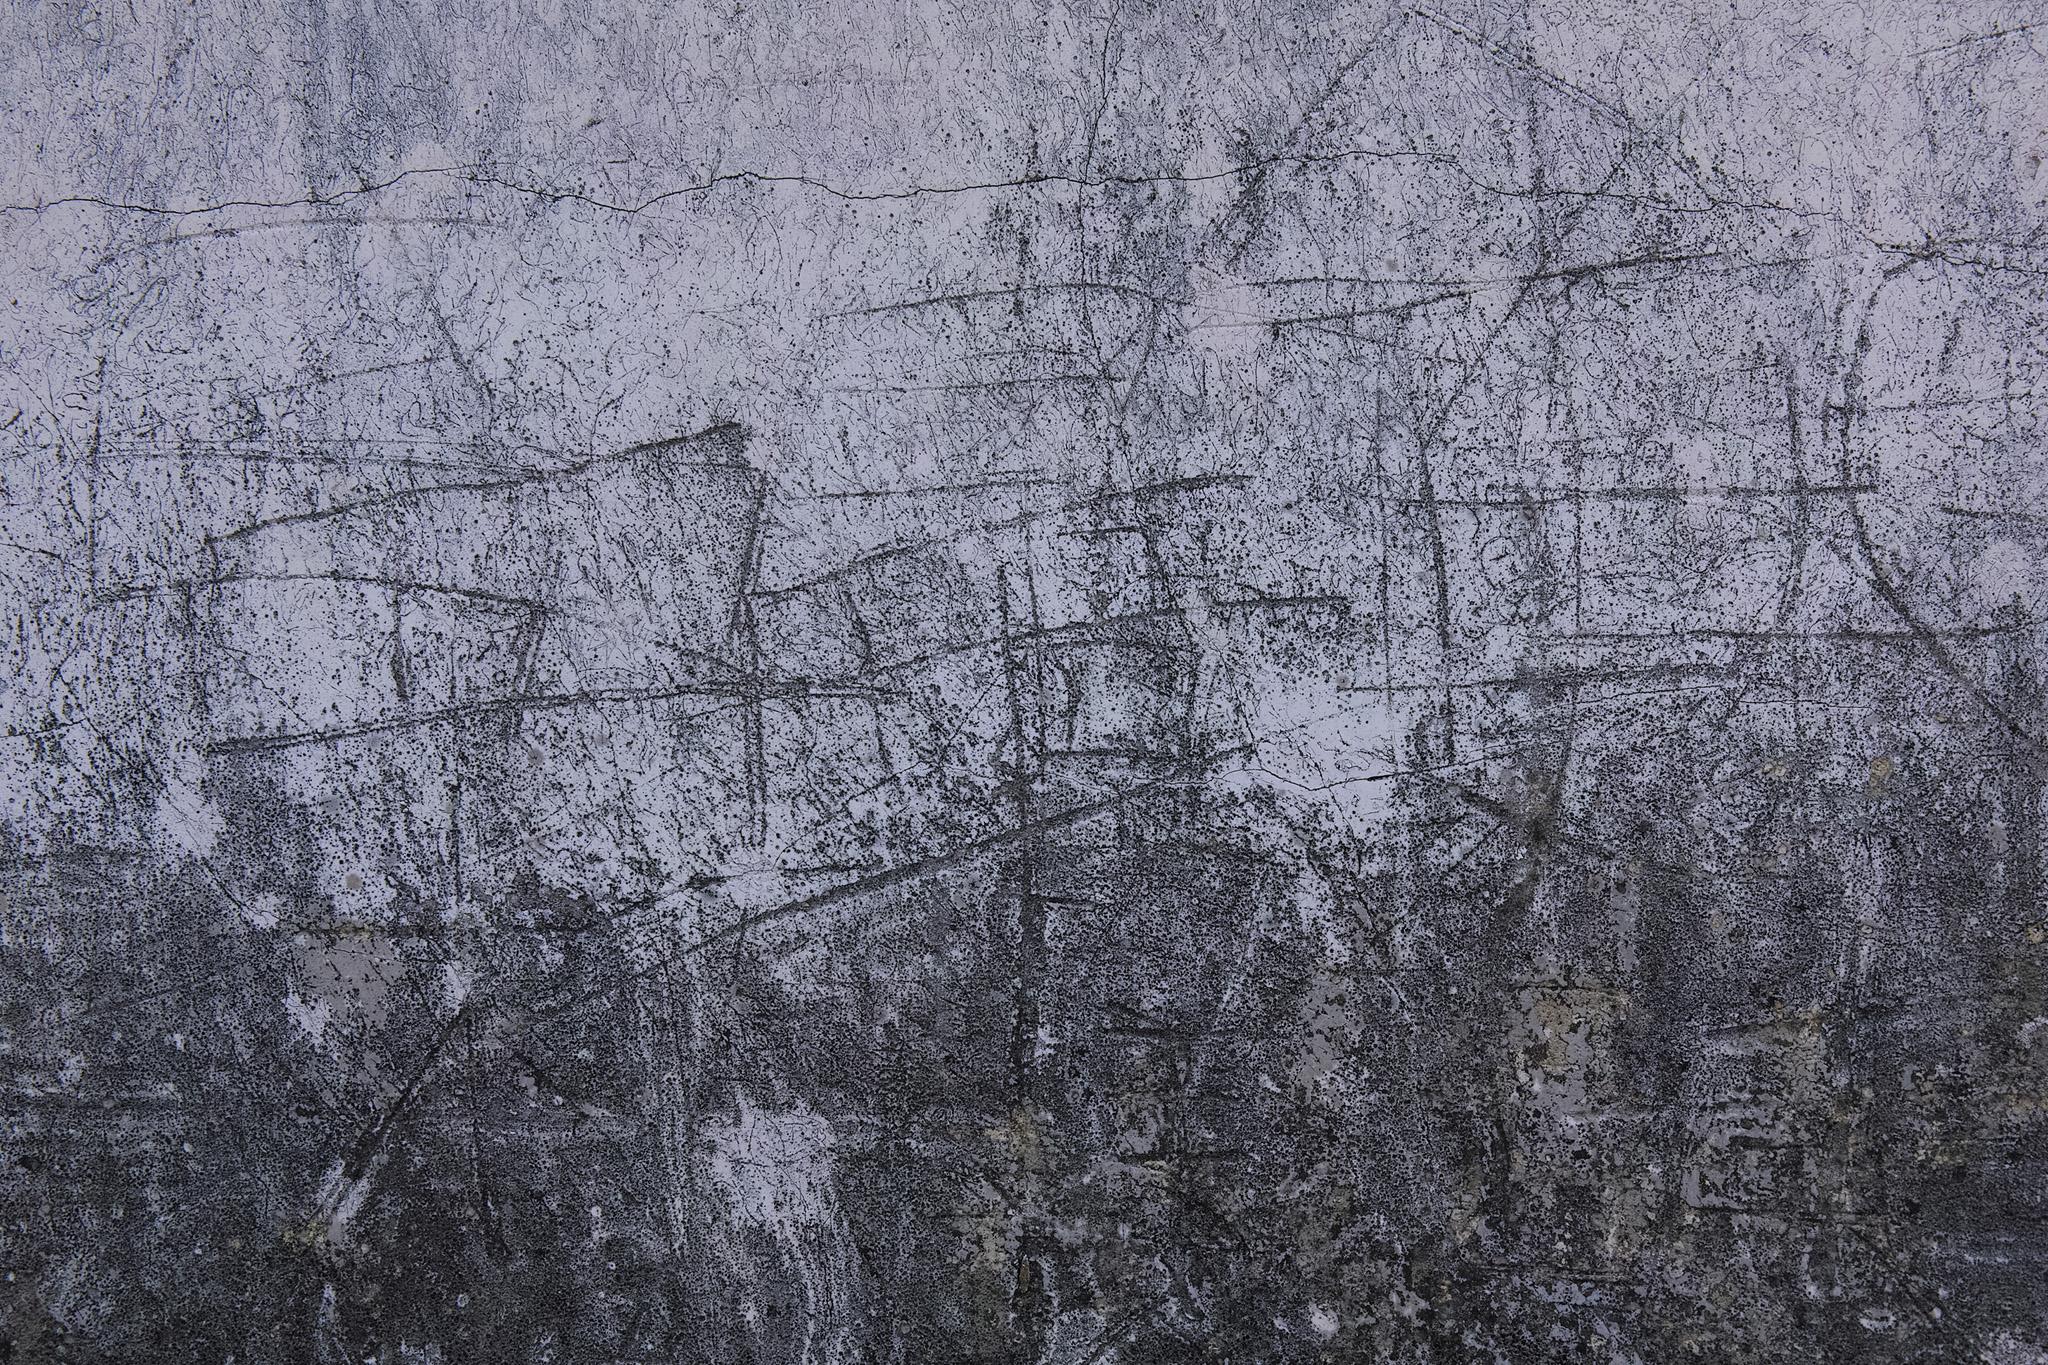 傷とヒビが入ったモルタルの壁